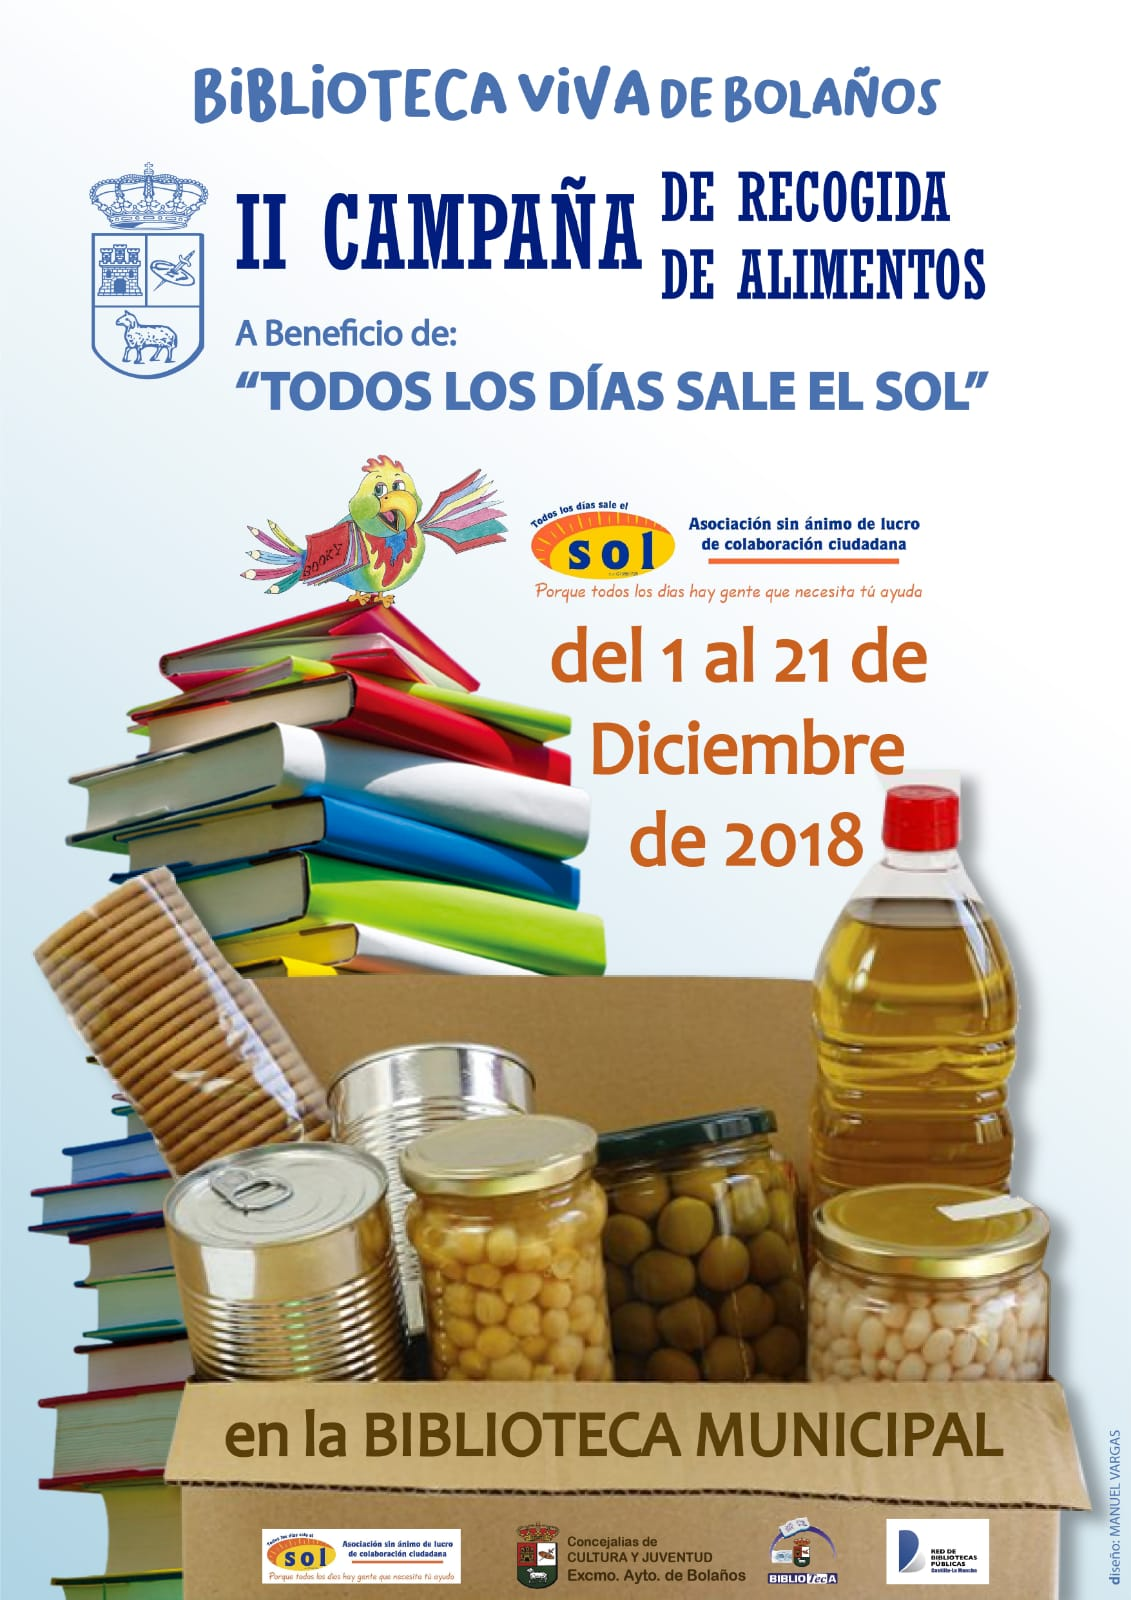 II CAMPAÑA DE RECOGIDA DE ALIMENTOS EN LA BIBLIOTECA